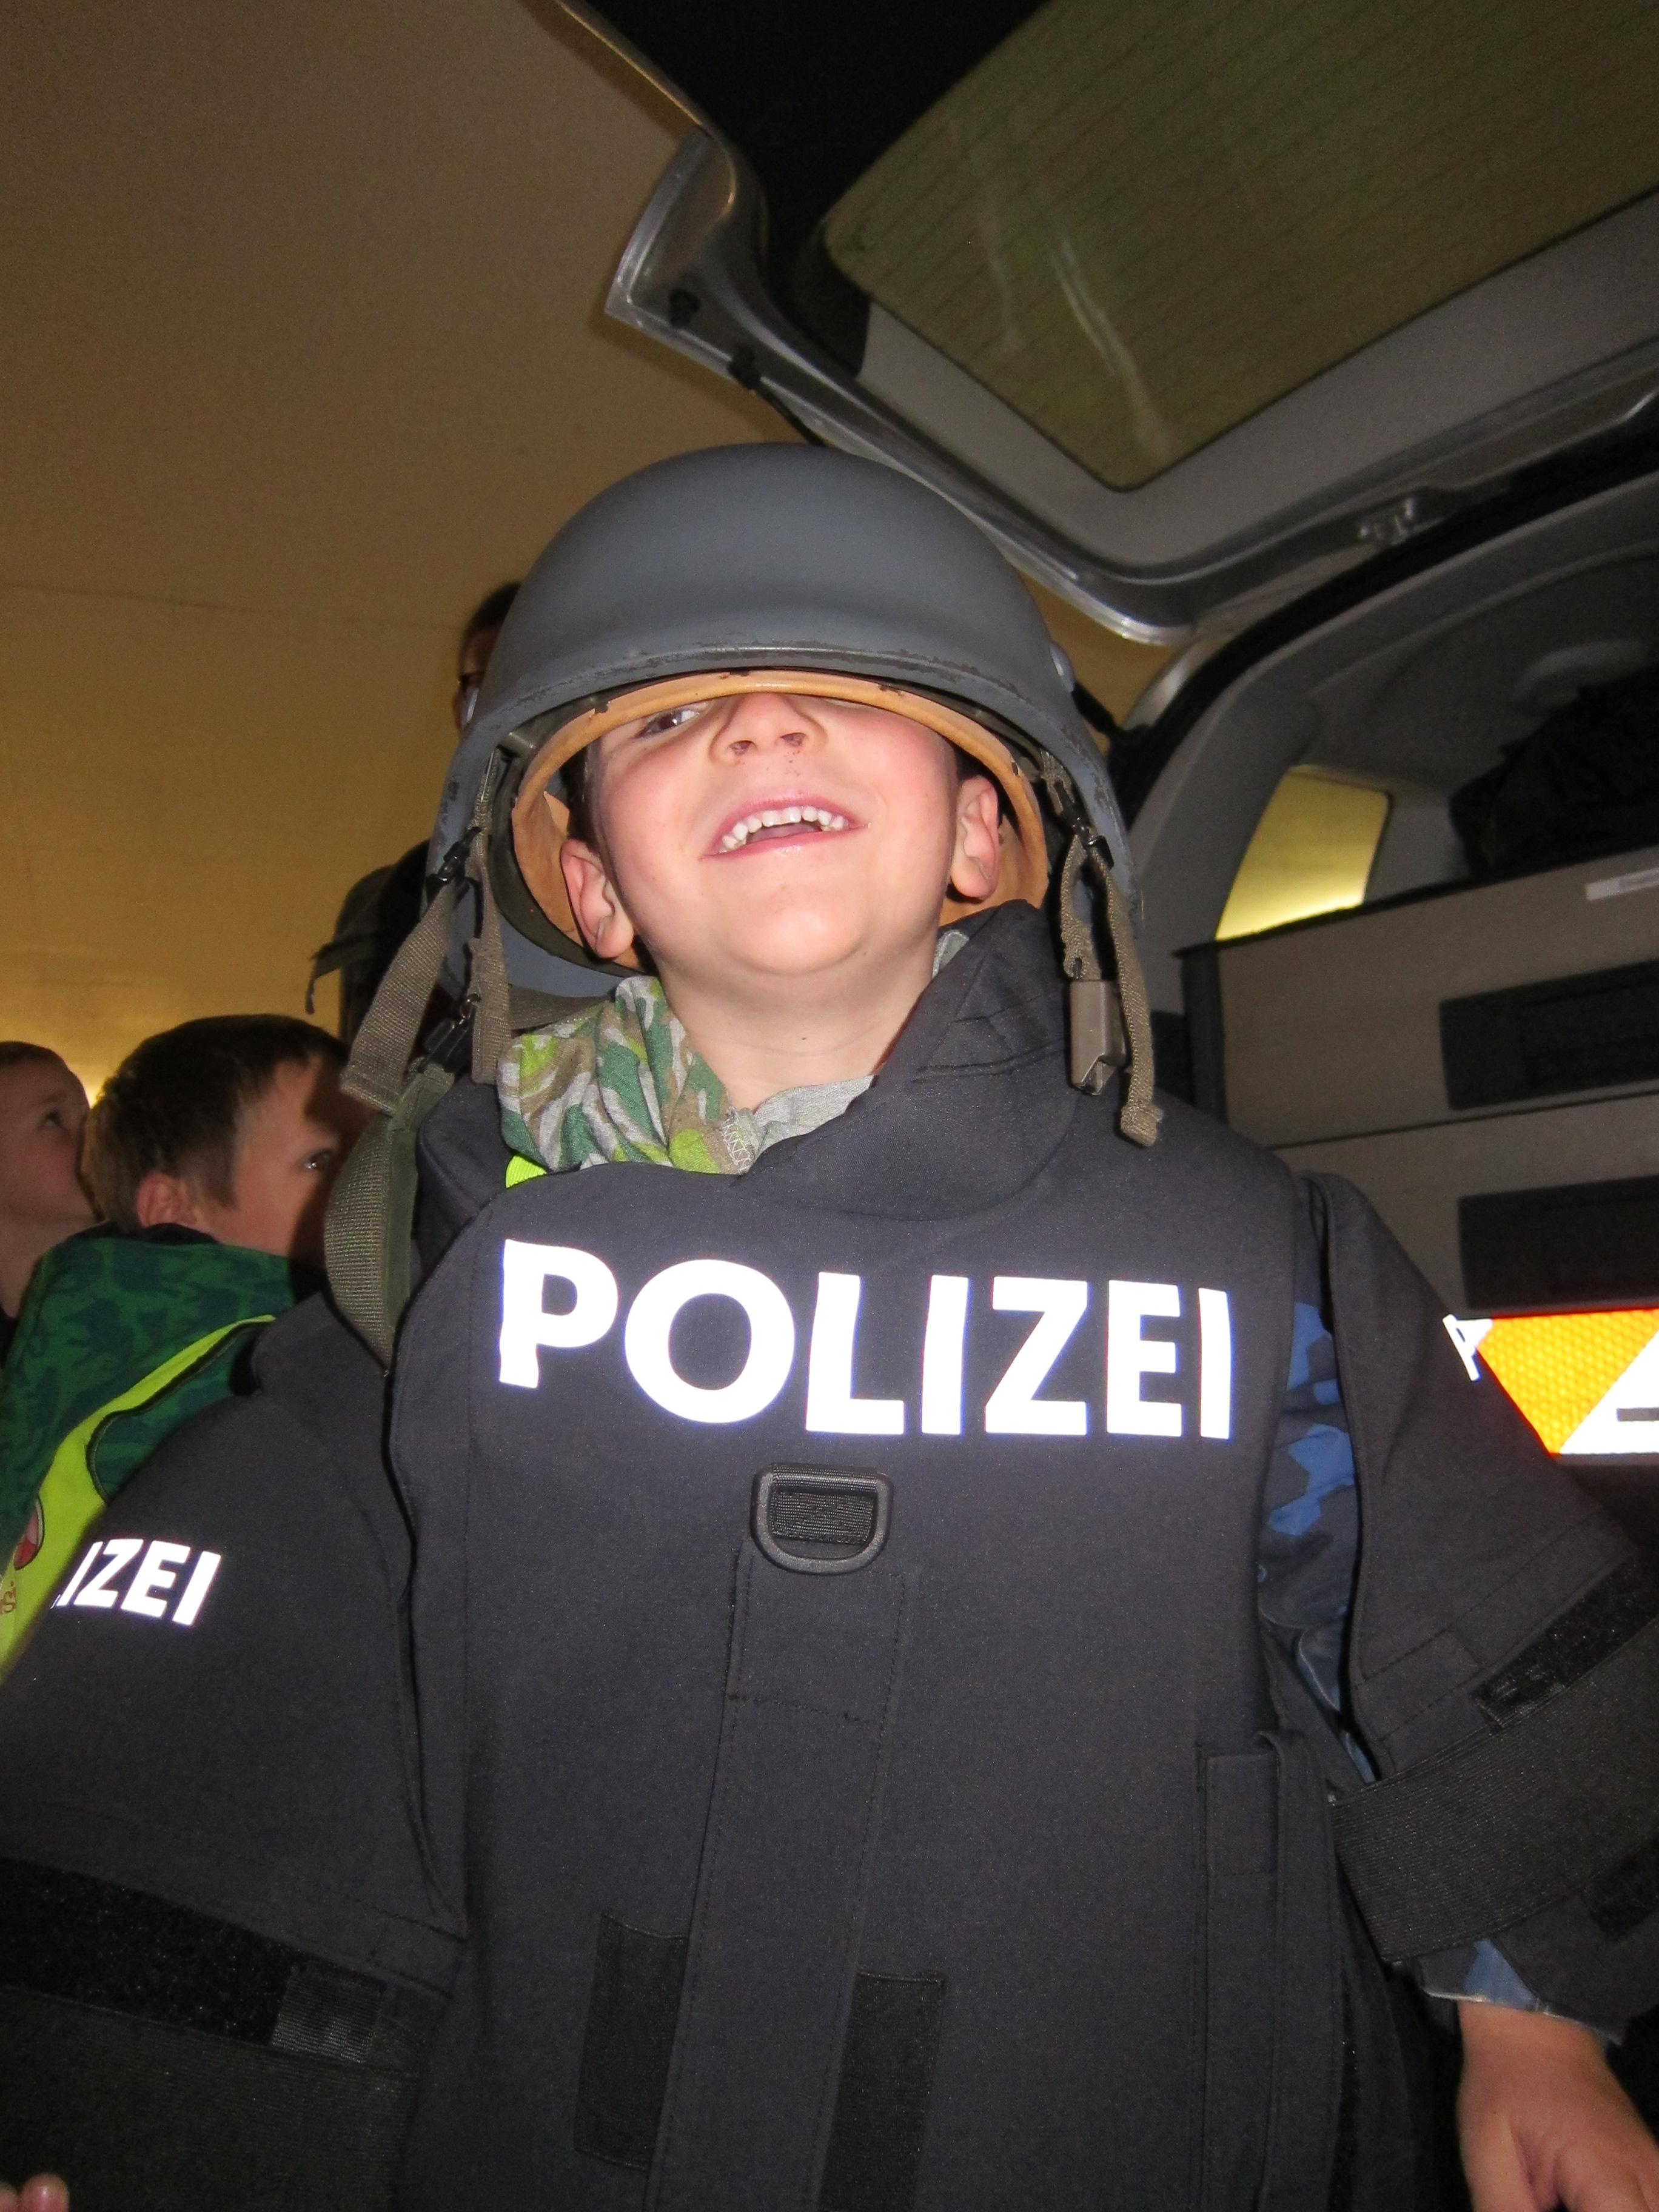 Exkursion Polizei_Okt15 (43).JPG